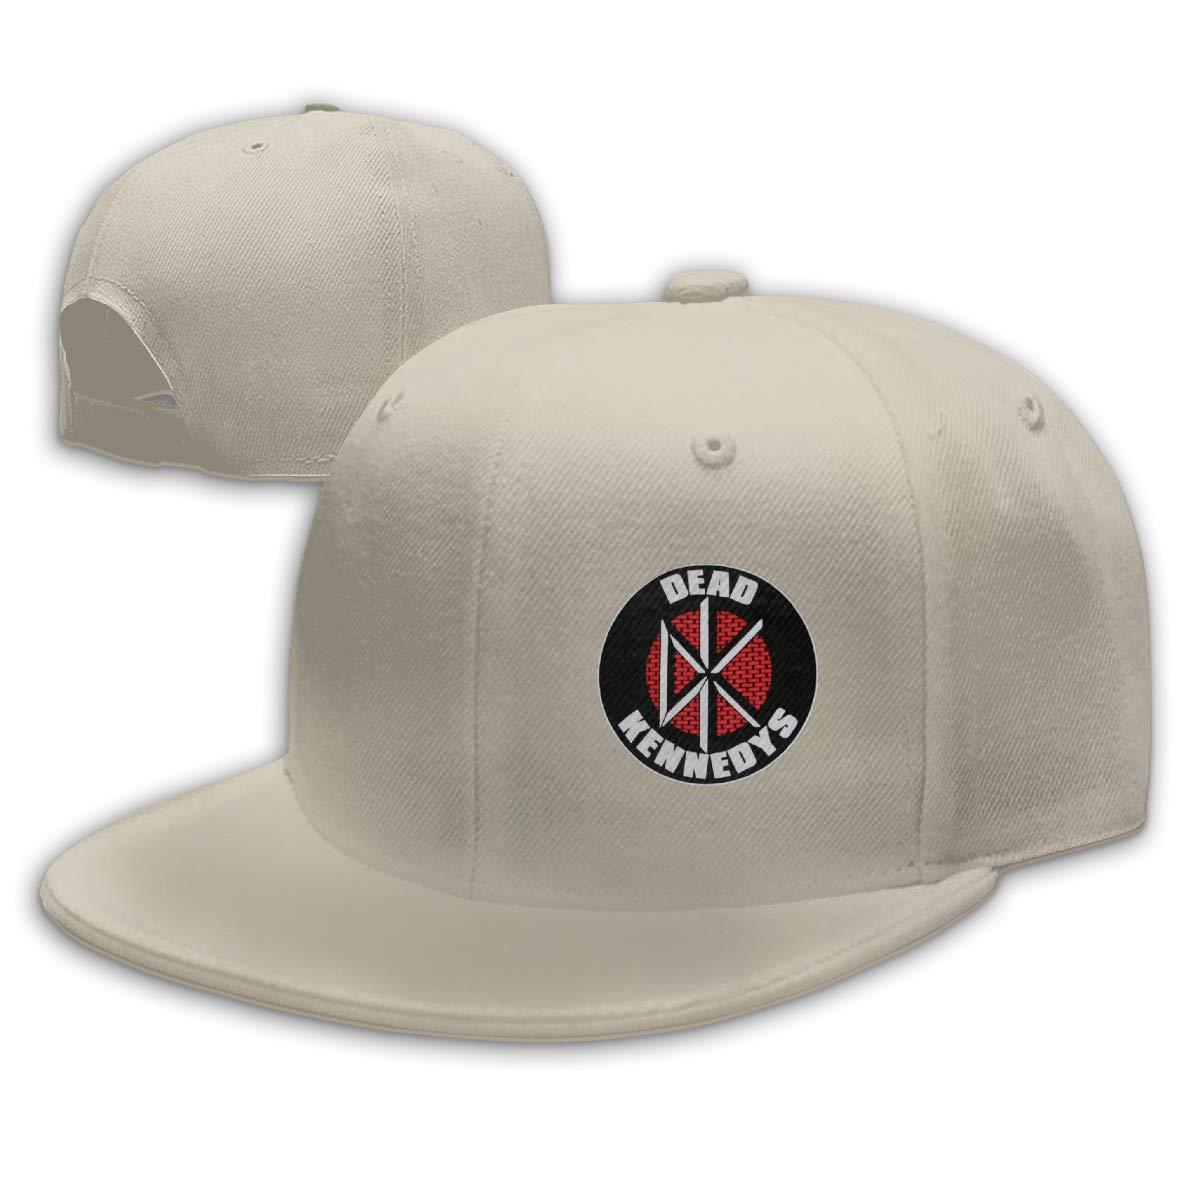 Monerla Ningpu Dead Kennedys Brick Logo Adjustable Denim Hats